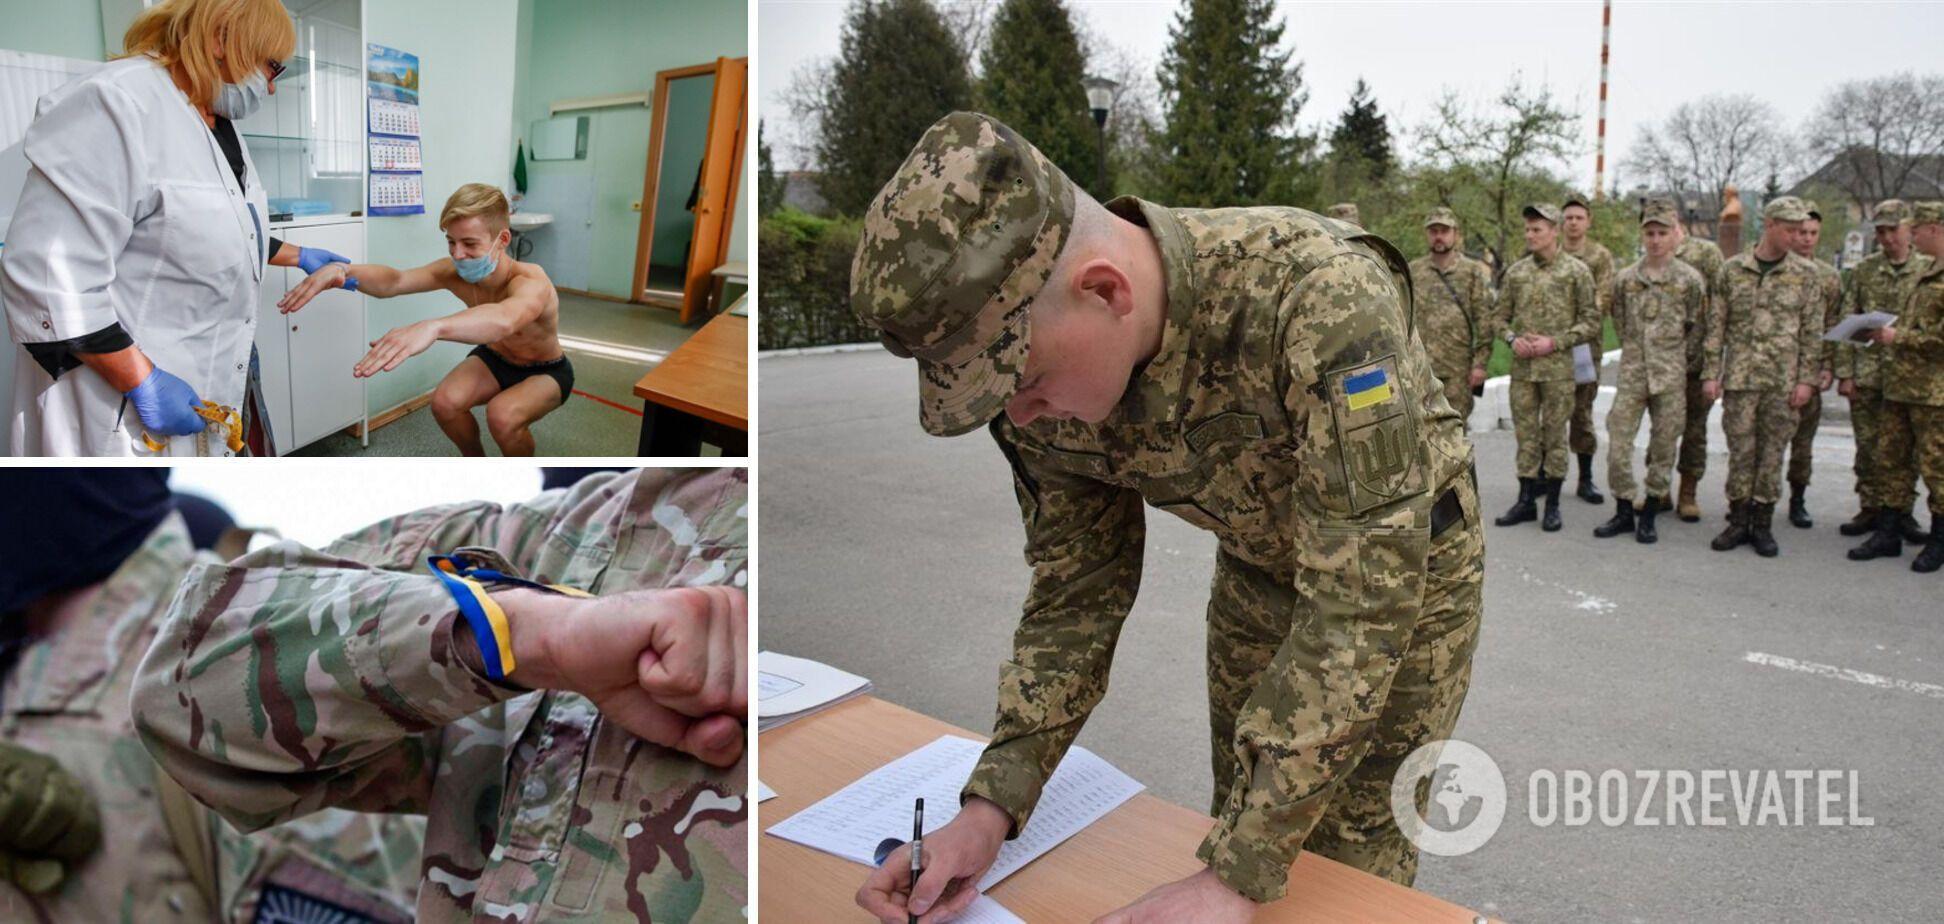 Добровольці зможуть отримати статус ветерана війни.